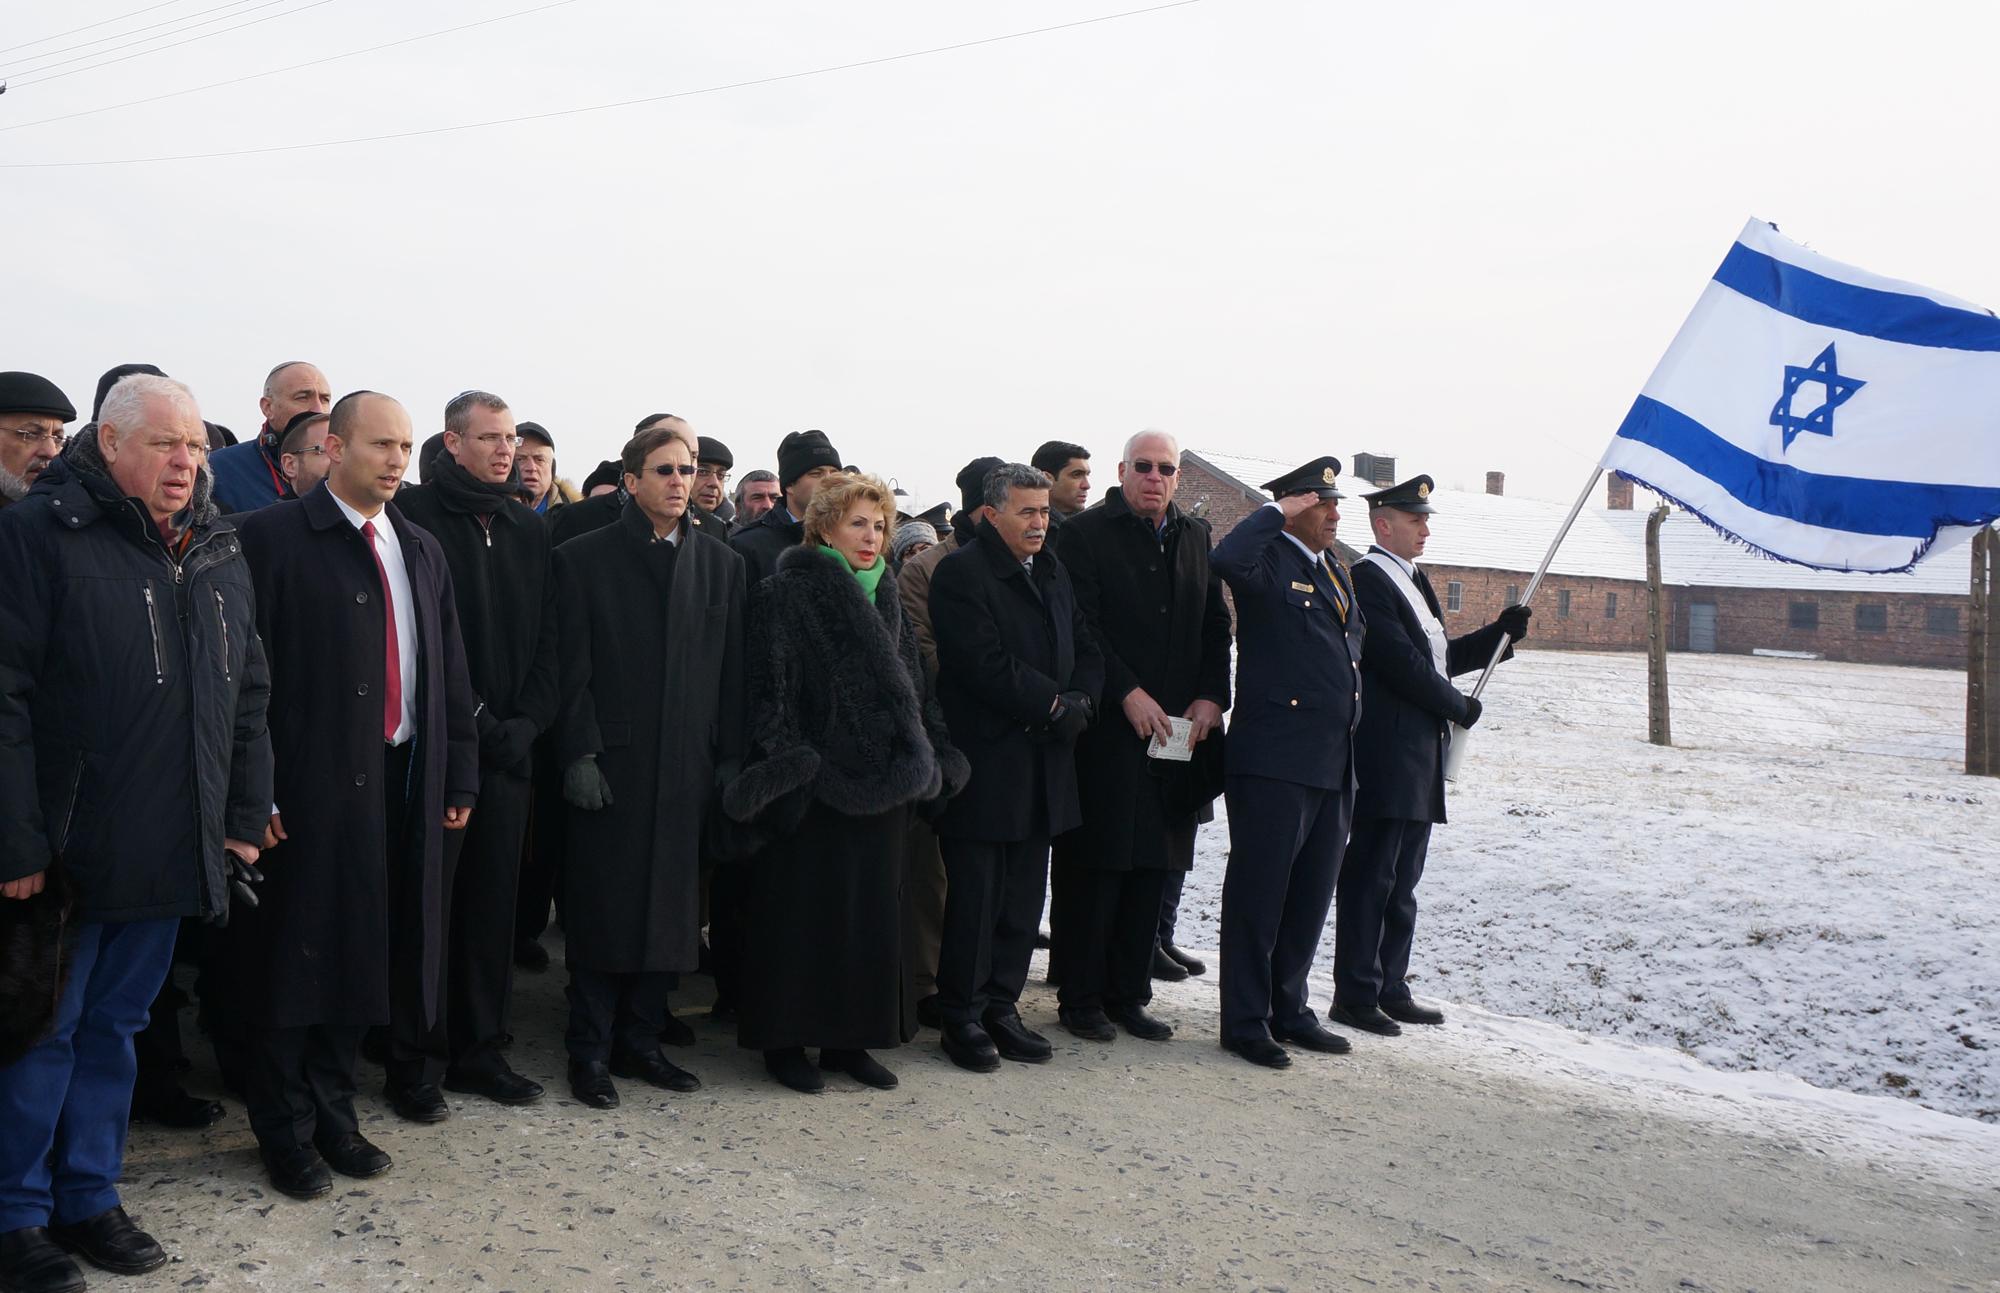 Knesset members visit Auschwitz